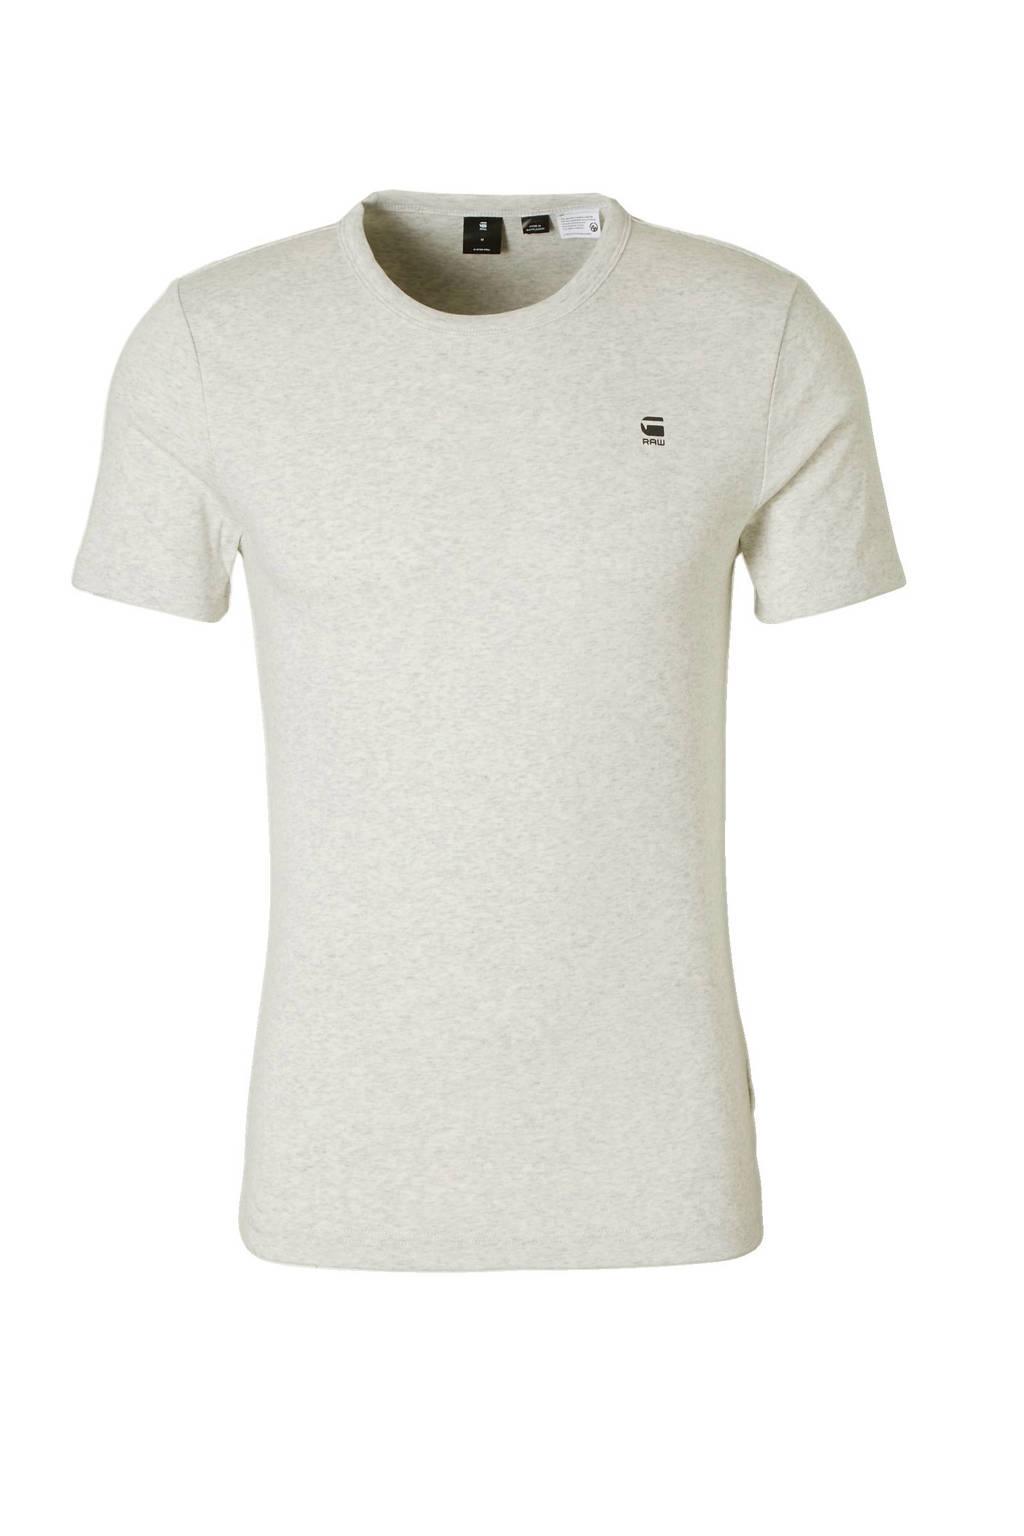 G-Star RAW Daplin T-shirt, Wit/zwart